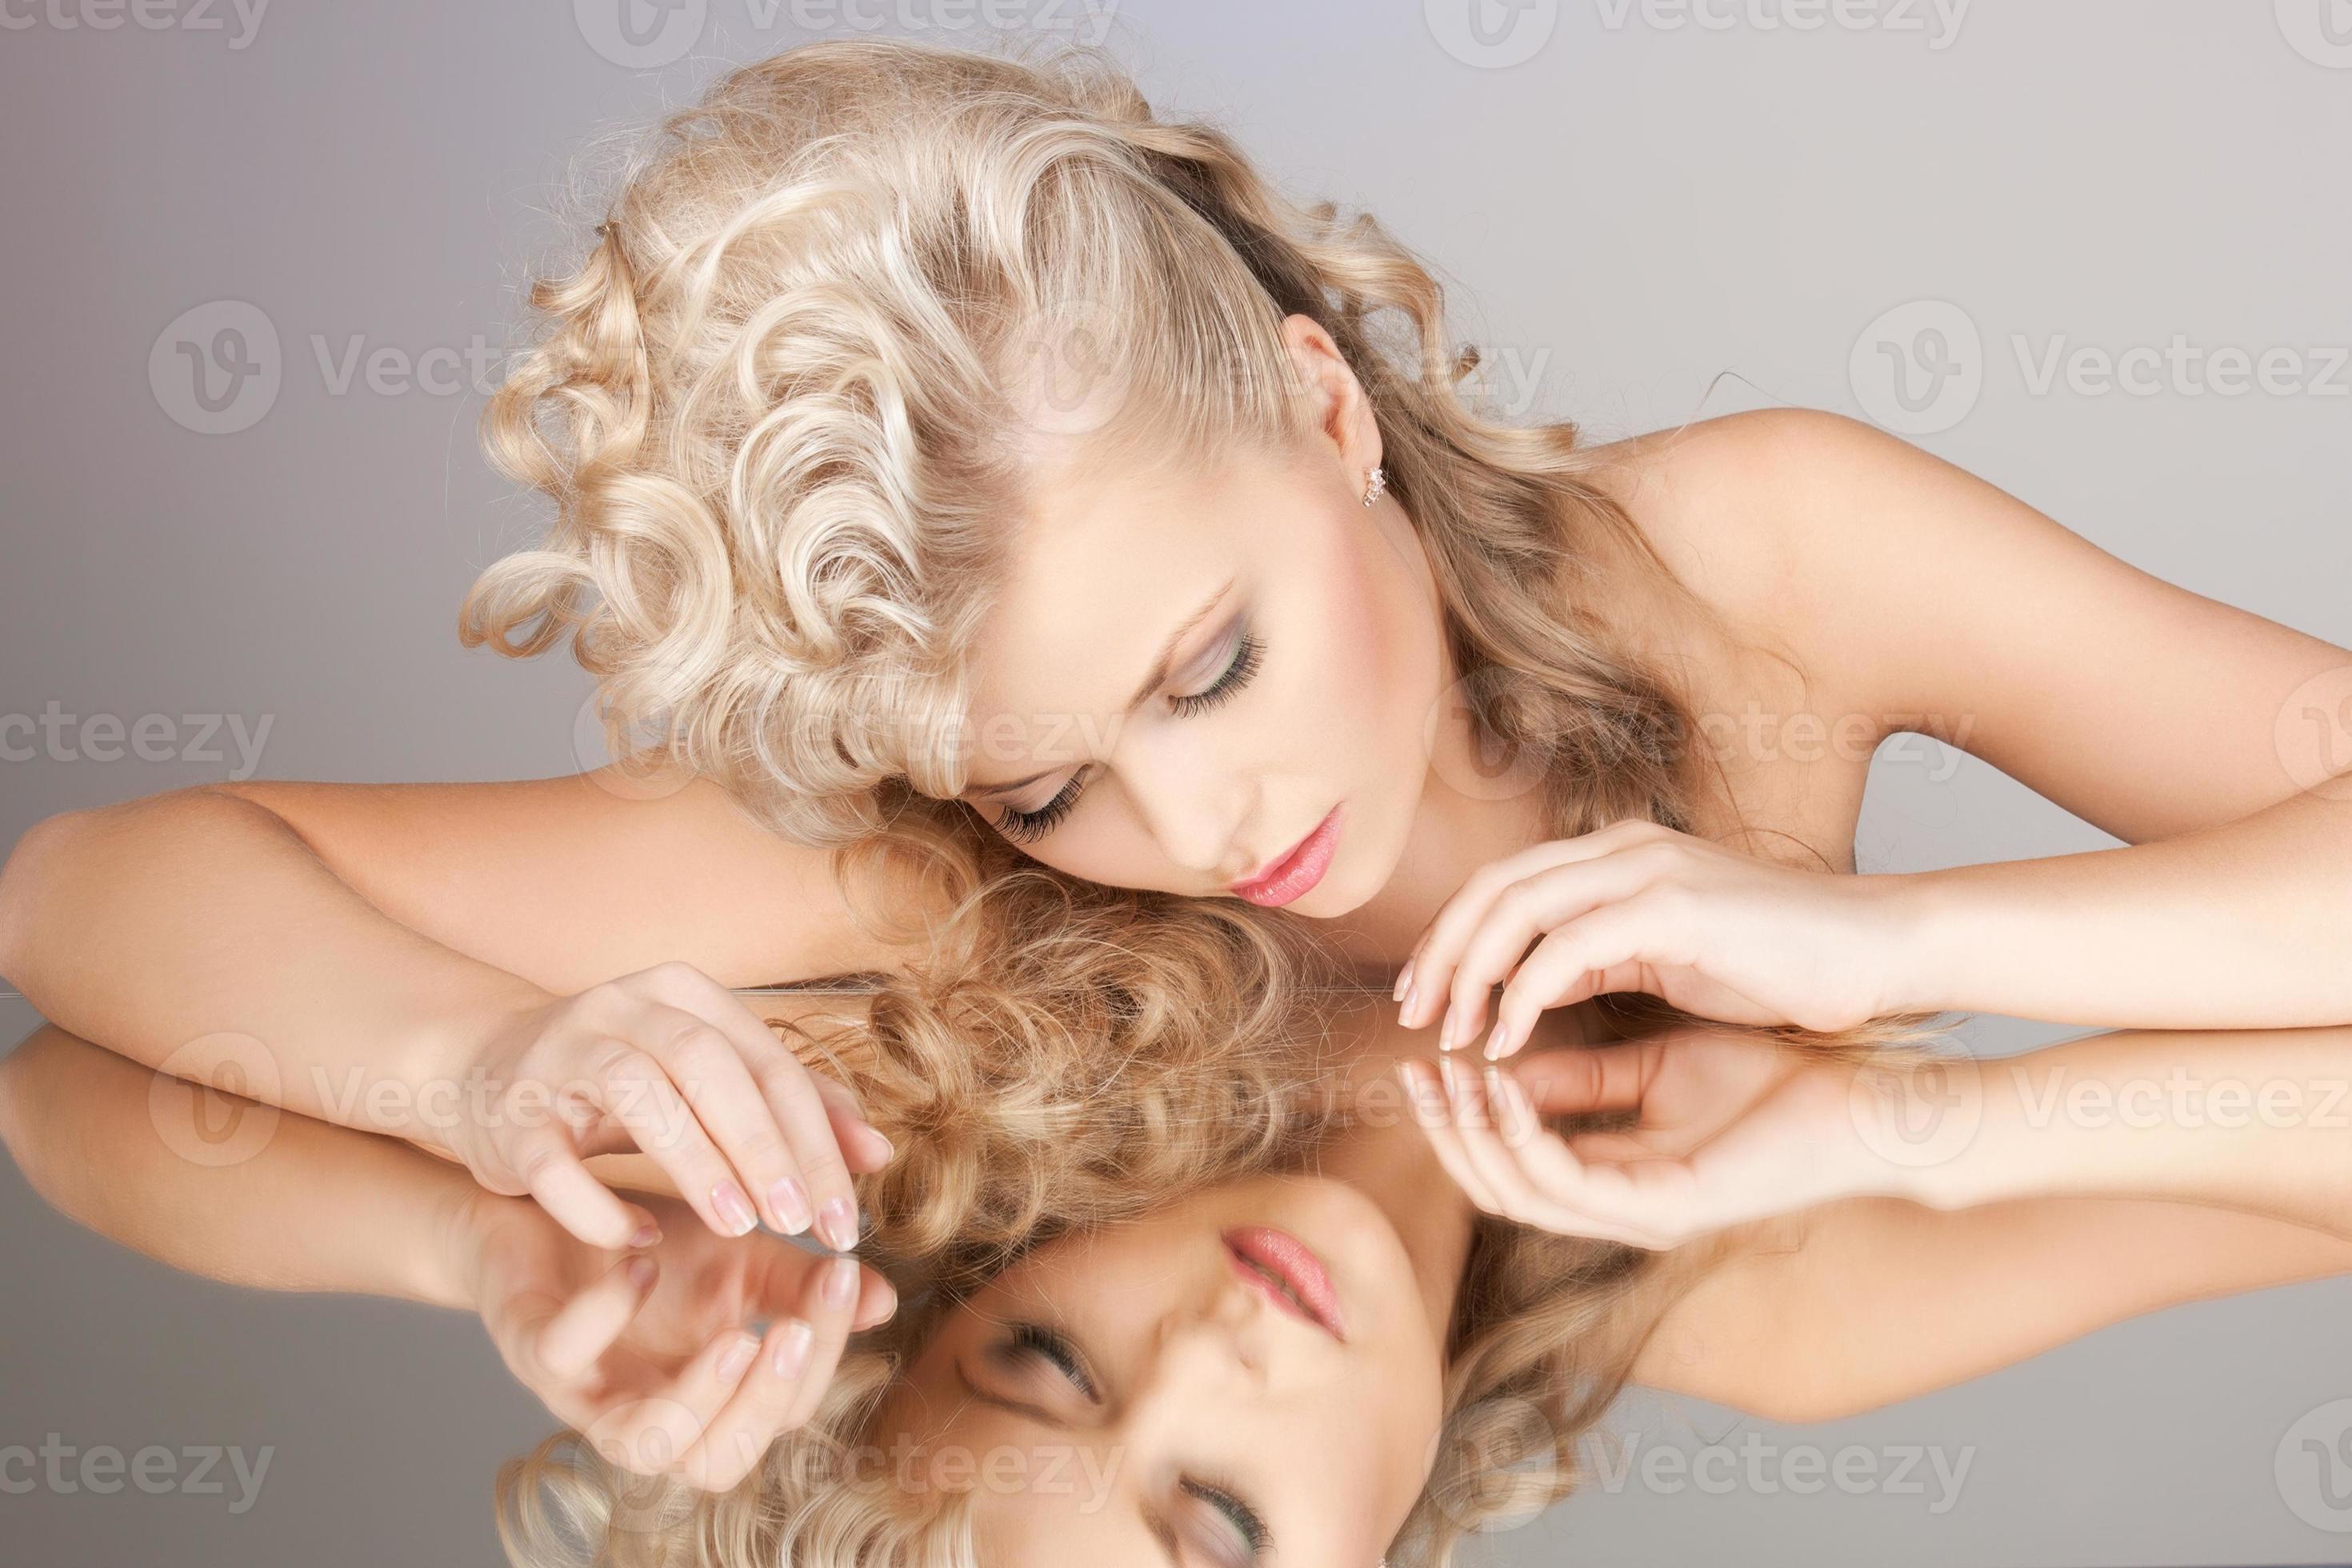 Bilder spiegel schöne mädchen Spiegel fotos